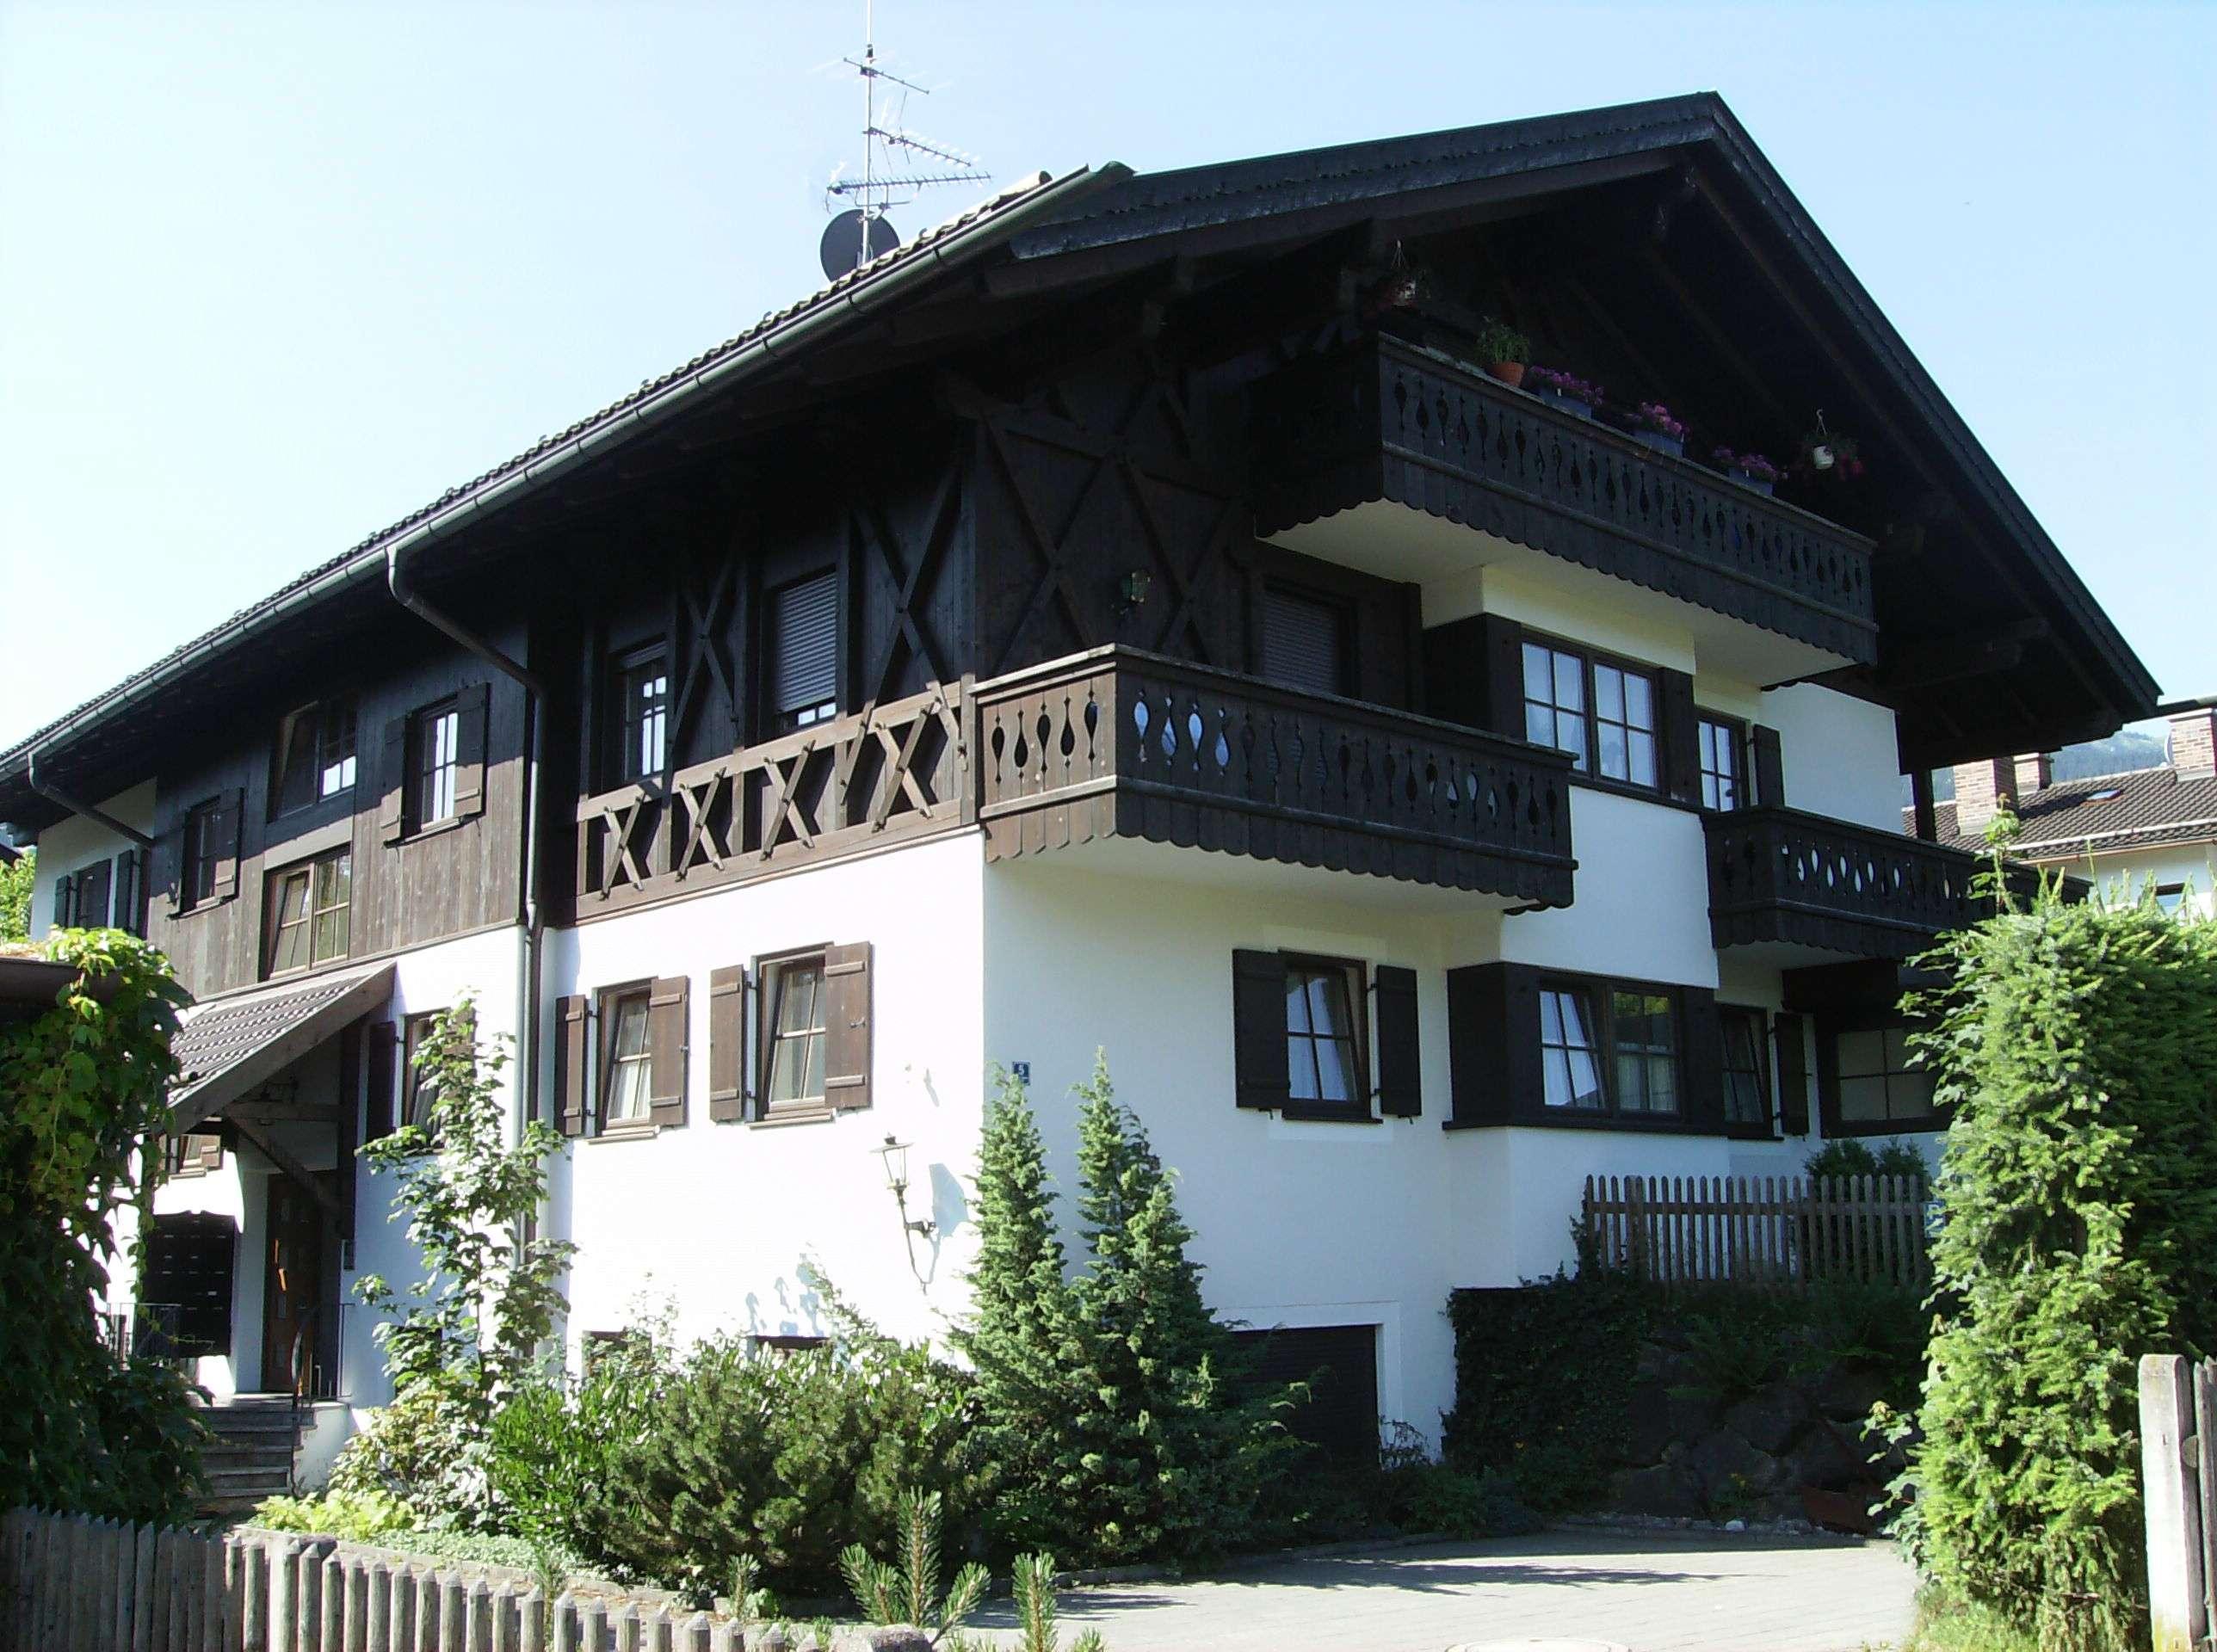 Großzügige DG-Wohnung mit besonderer Architektur und Grundriss im OT Partenkirchen